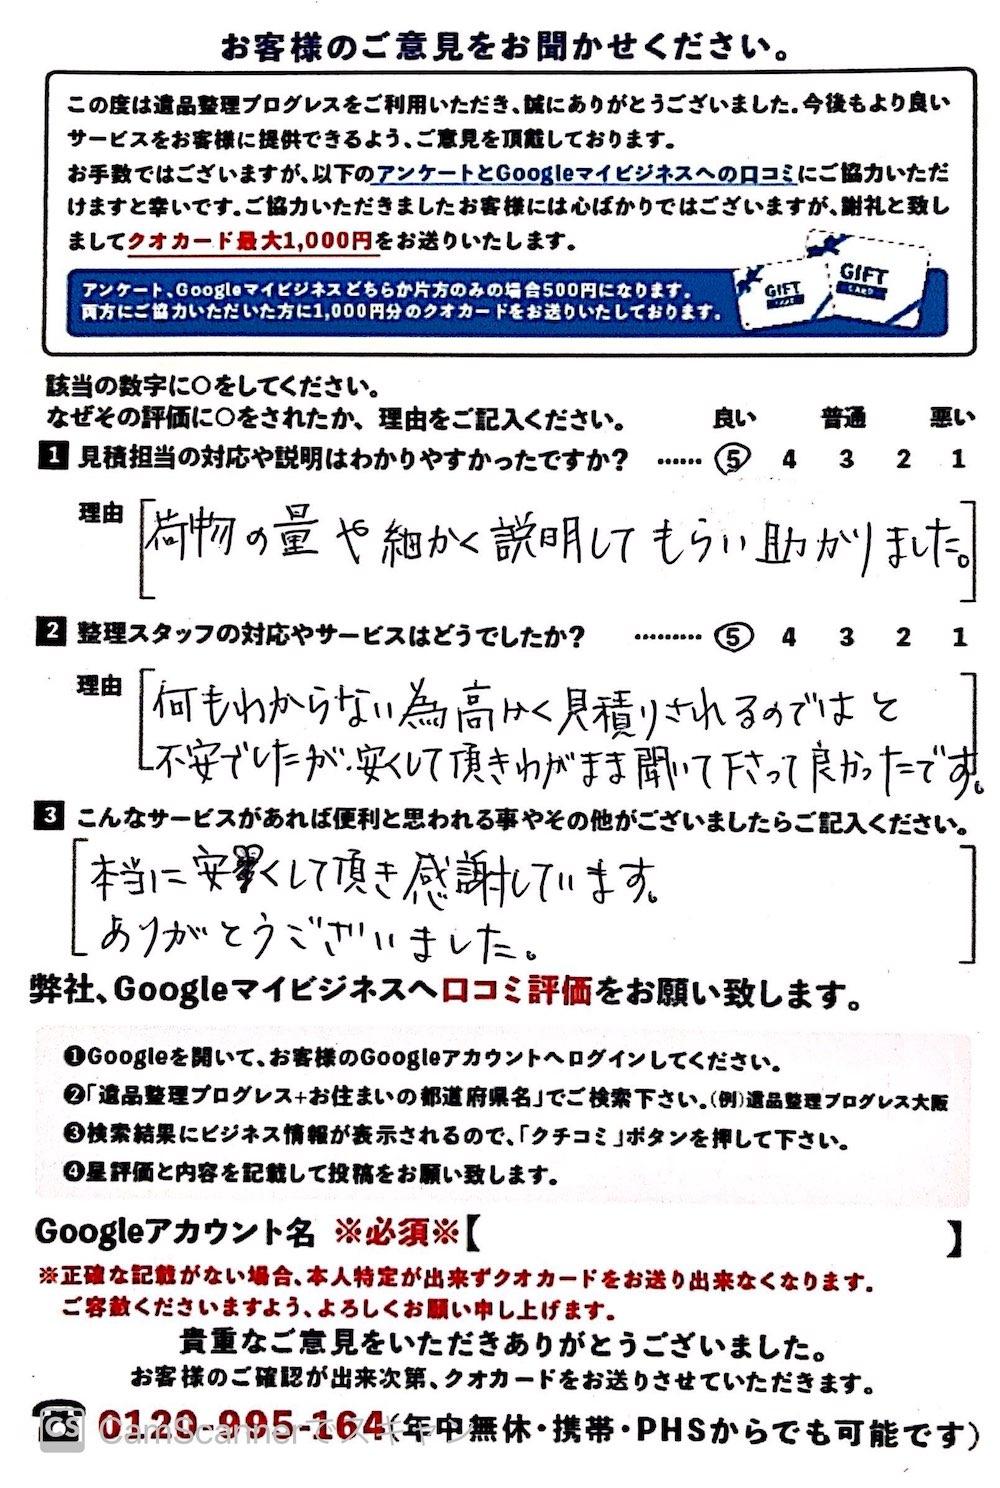 福岡県福岡市城南区 Y・M様のアンケート用紙